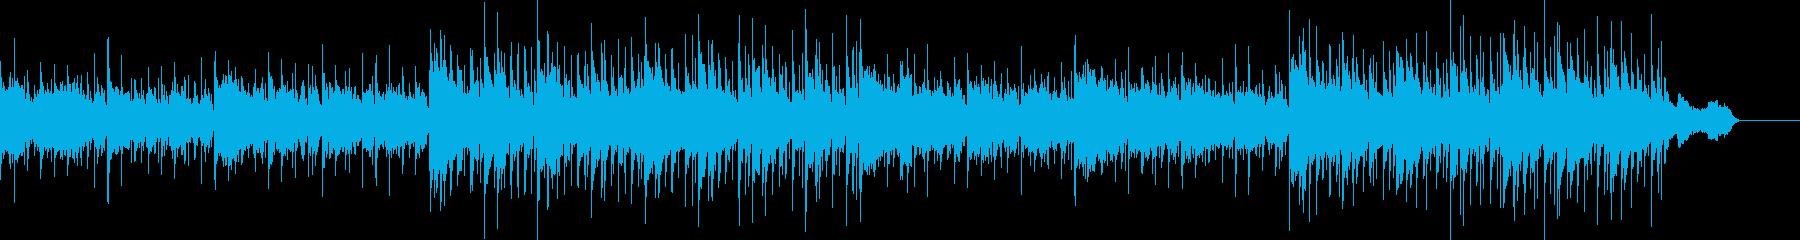 ディスカバリーチャンネルで機能する...の再生済みの波形